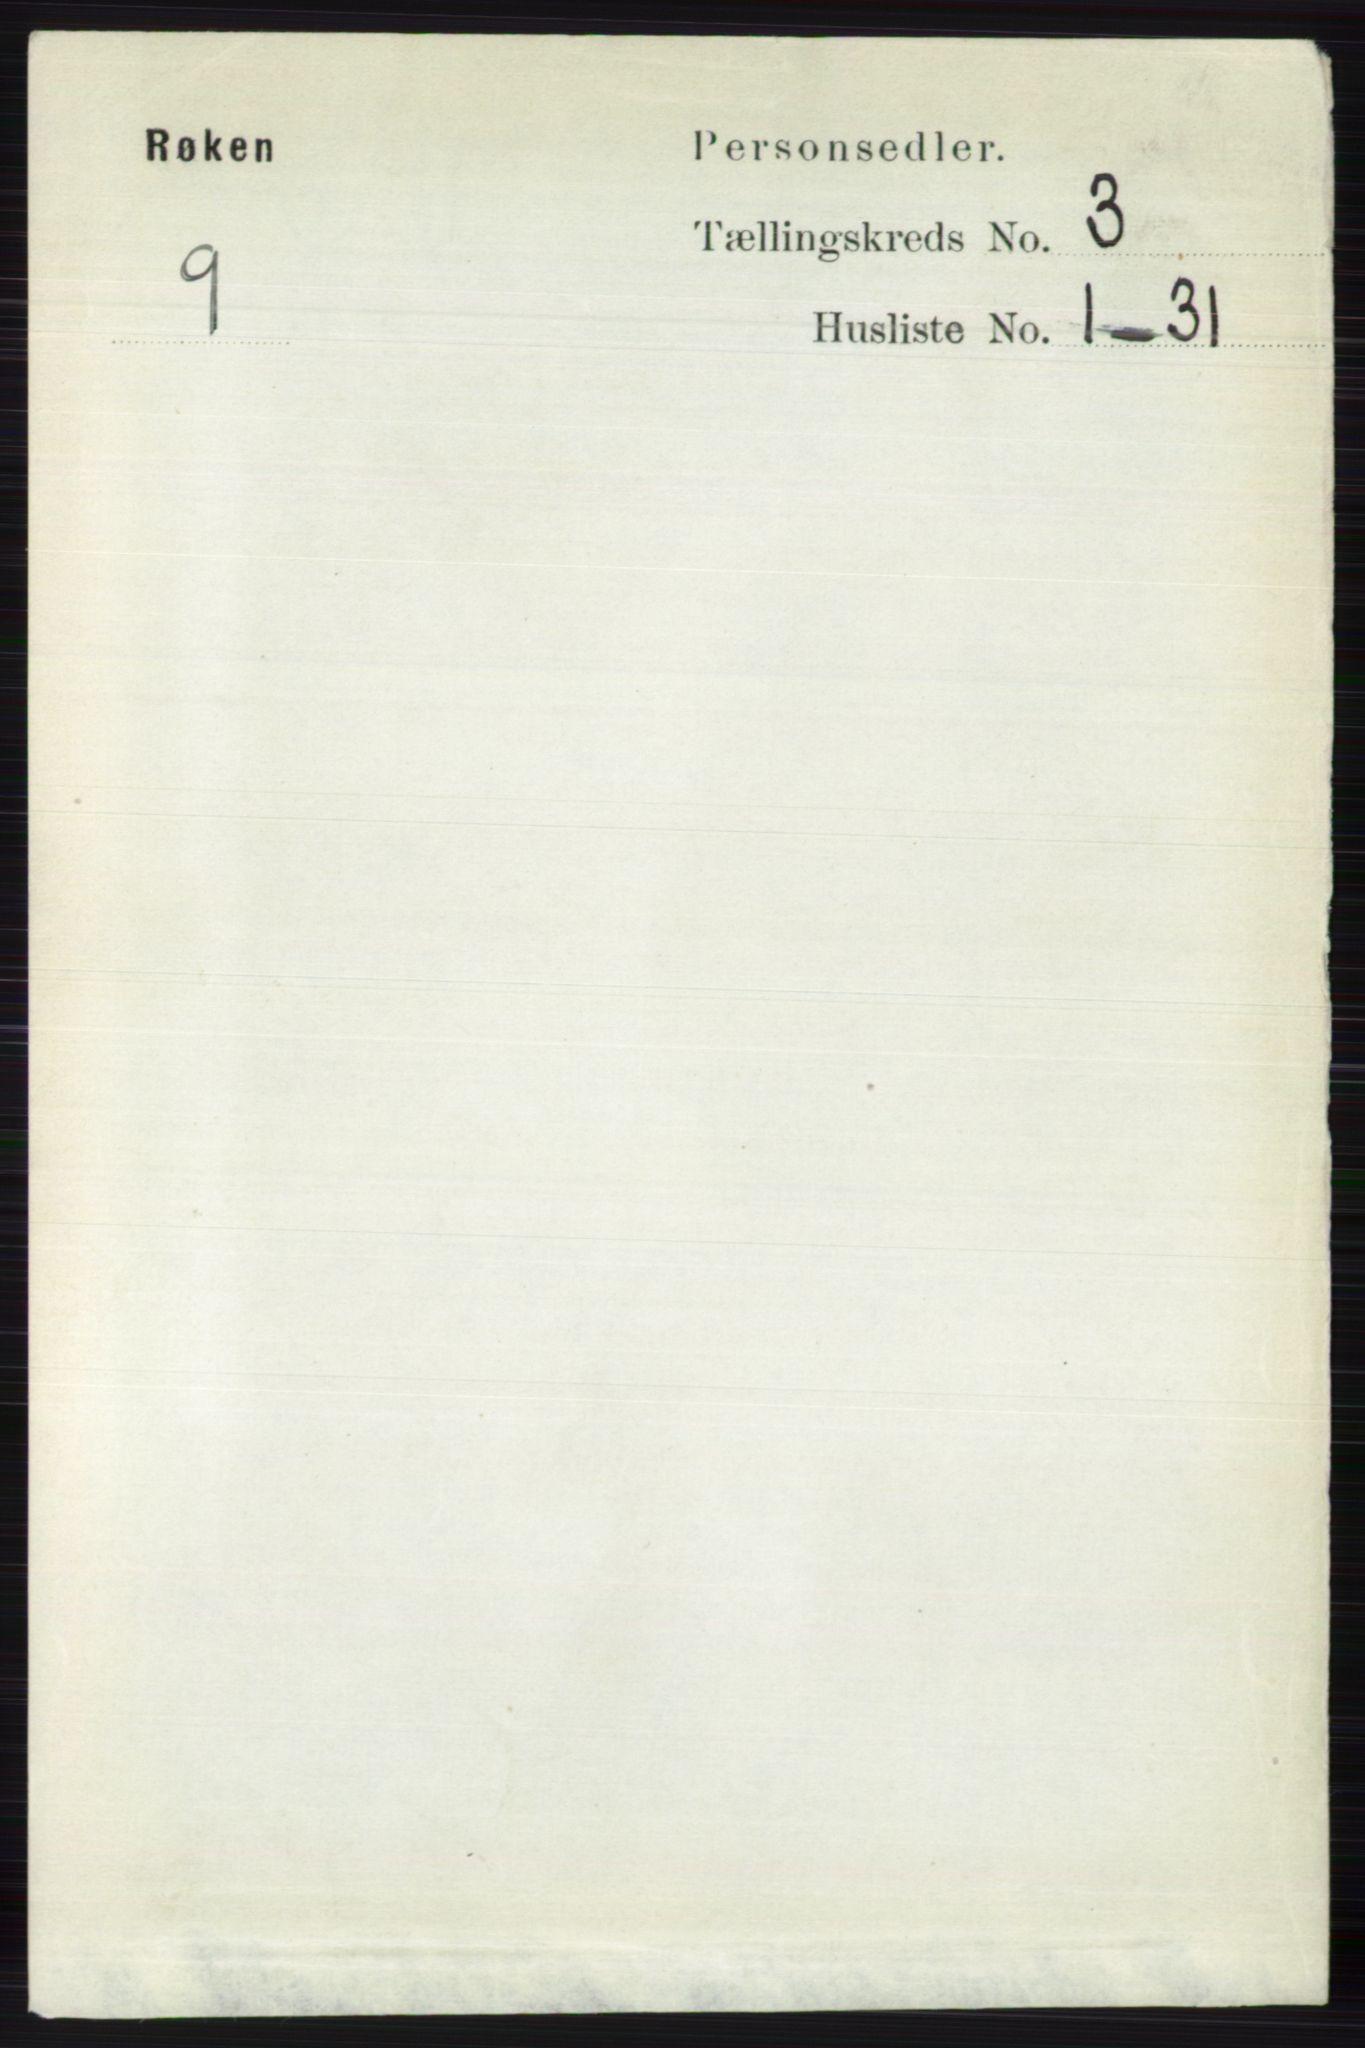 RA, Folketelling 1891 for 0627 Røyken herred, 1891, s. 1195